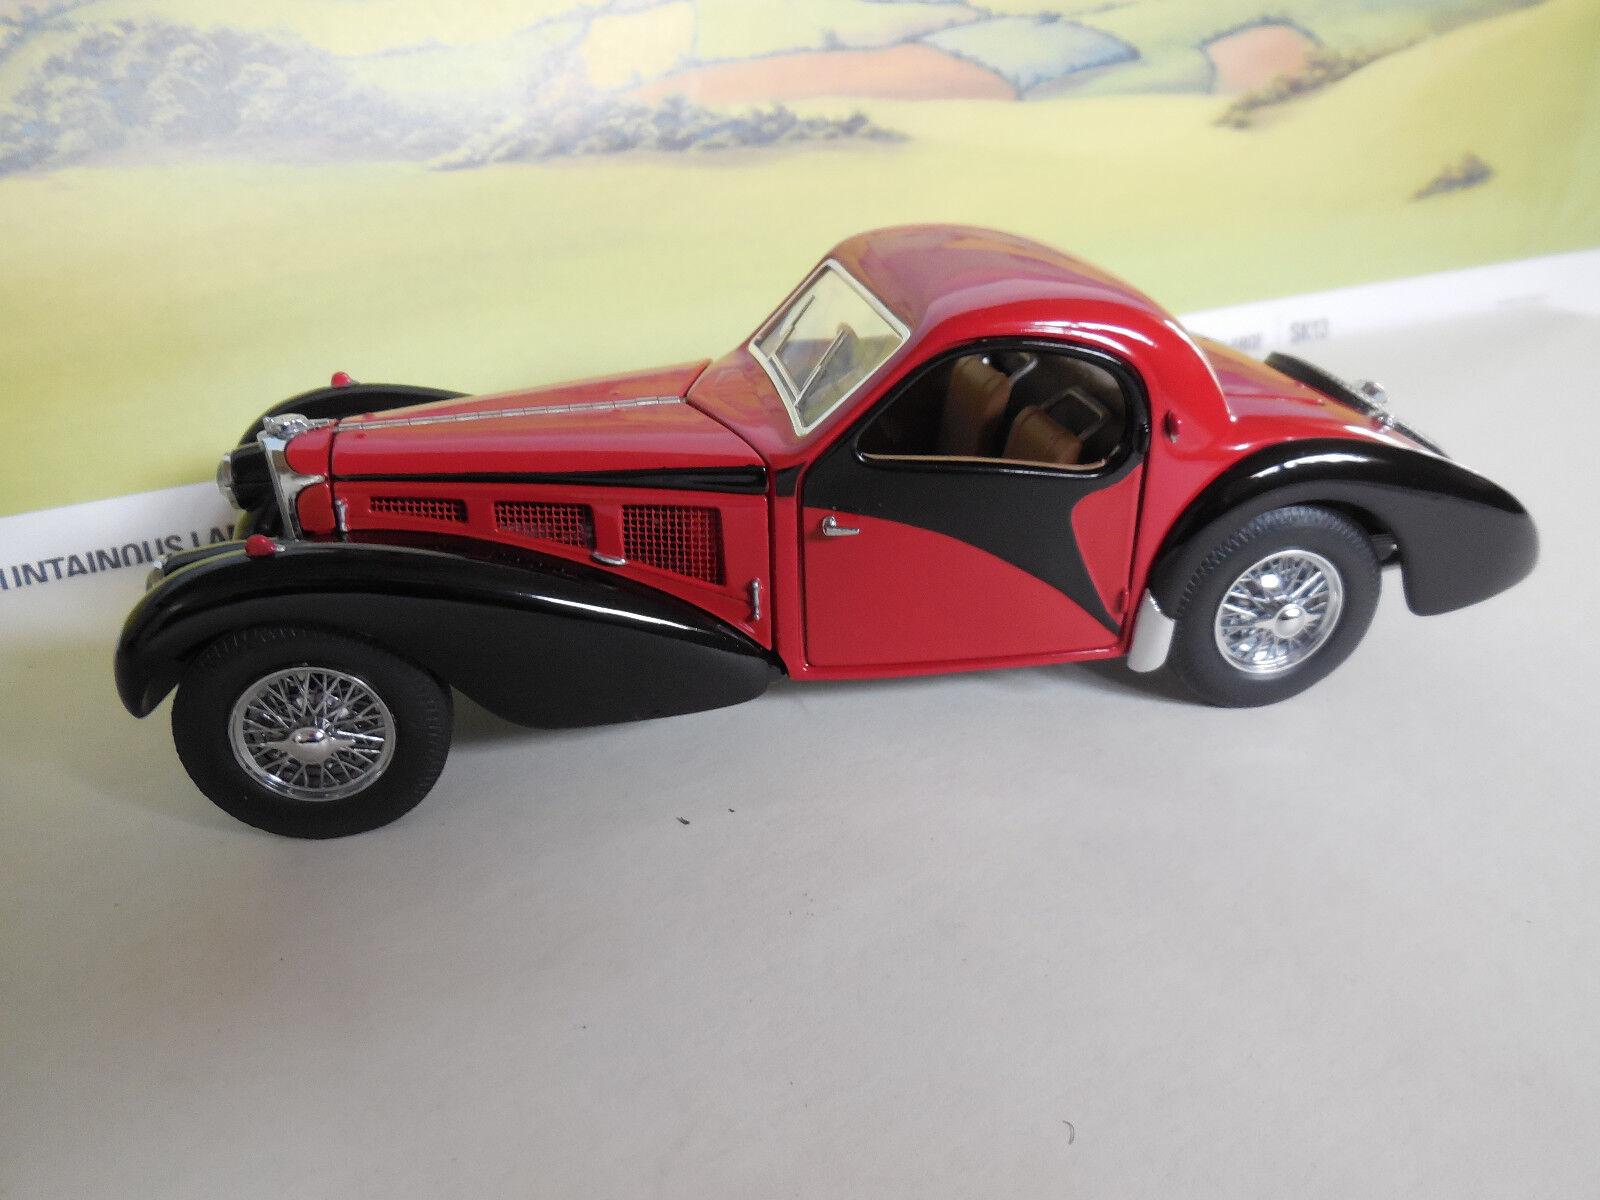 Franklin Mint 1 24th escala 1937 Bugatti 57SC